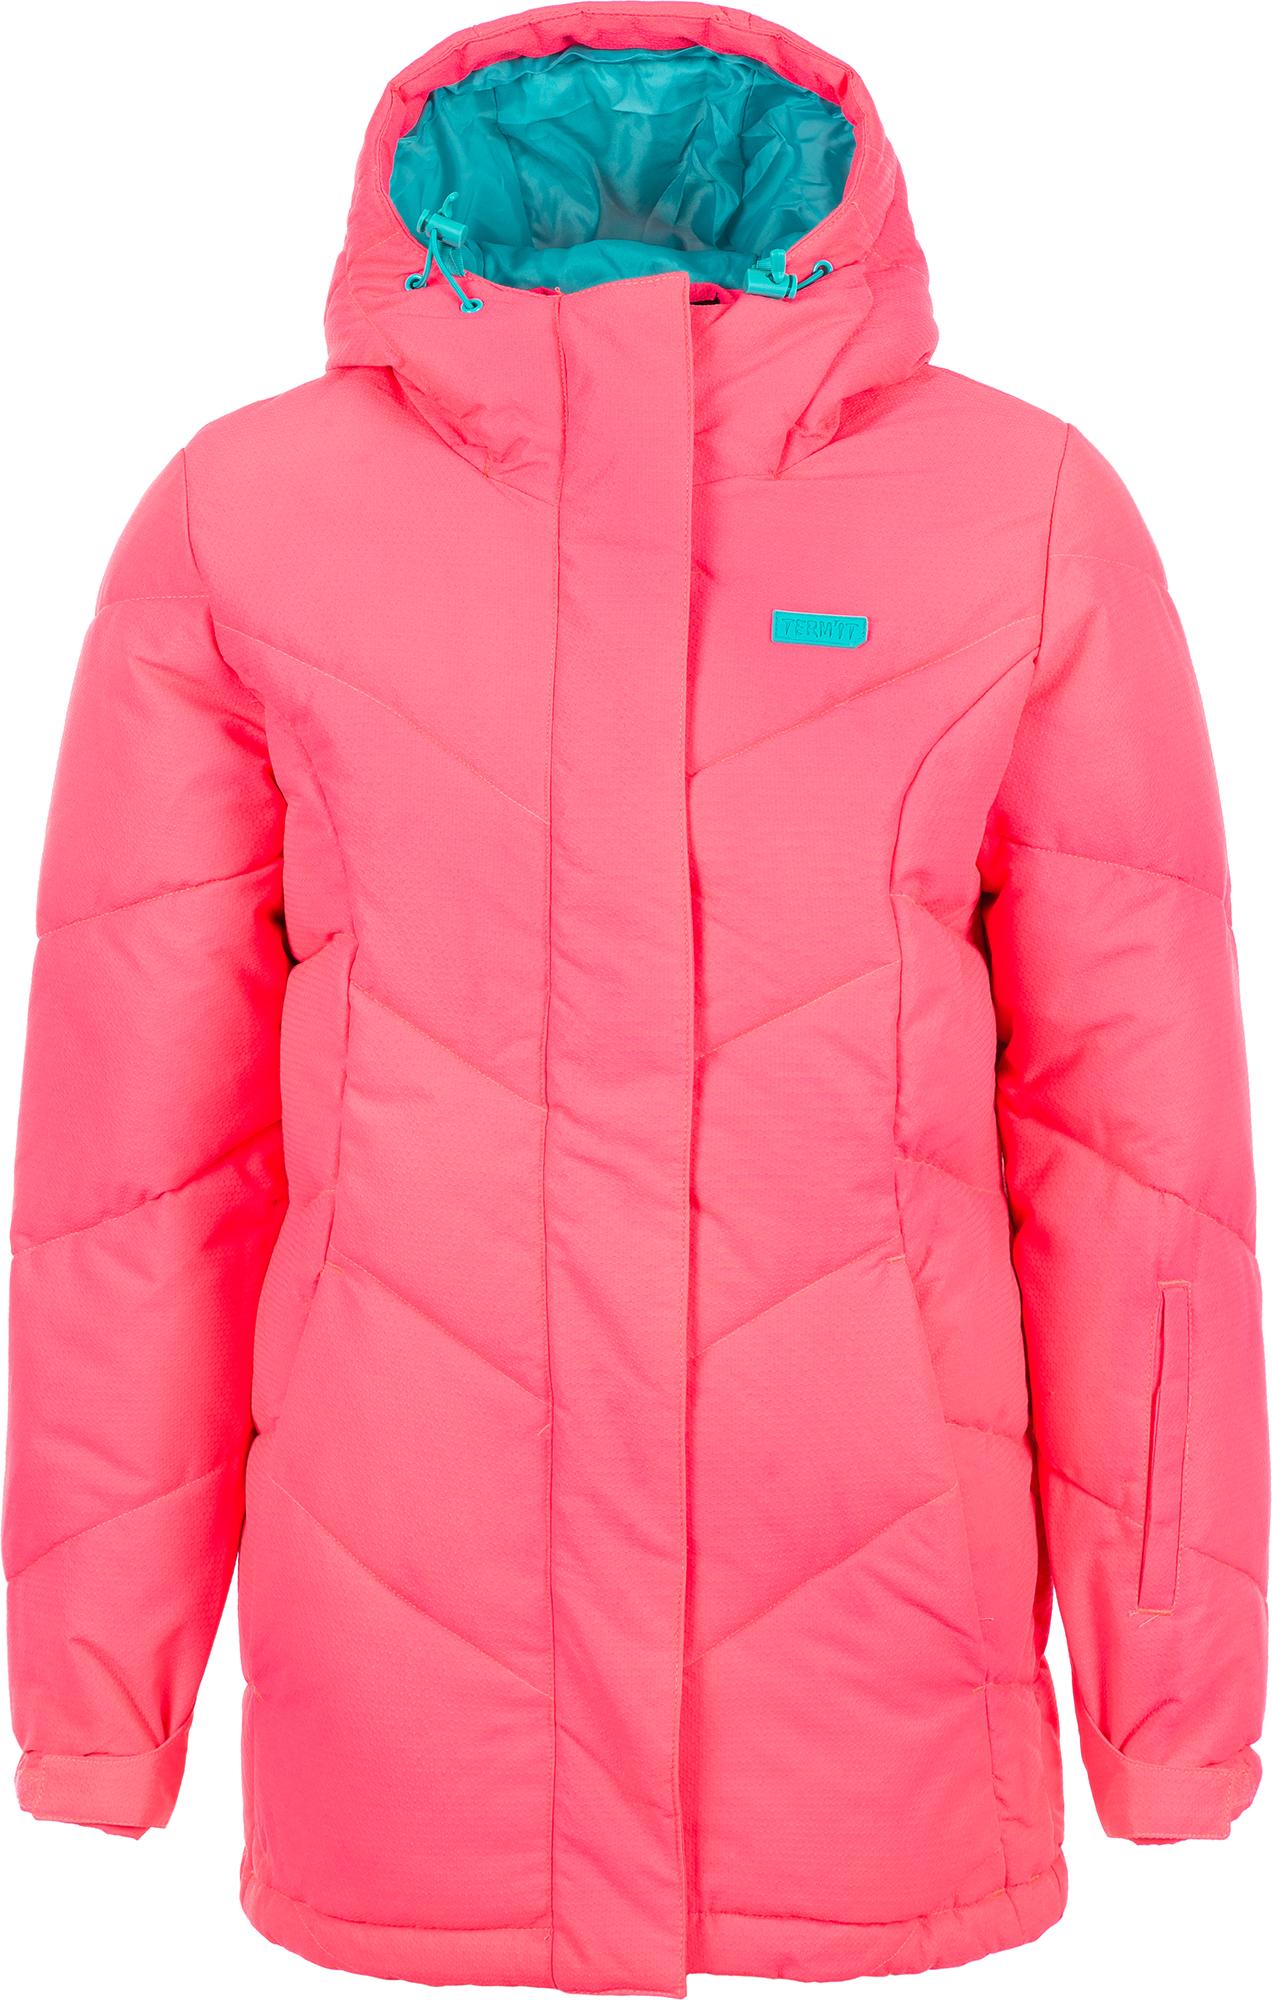 Termit Куртка утепленная для девочек Termit, размер 164 куртка для девочек atplay цвет серый 1jk803 размер 86